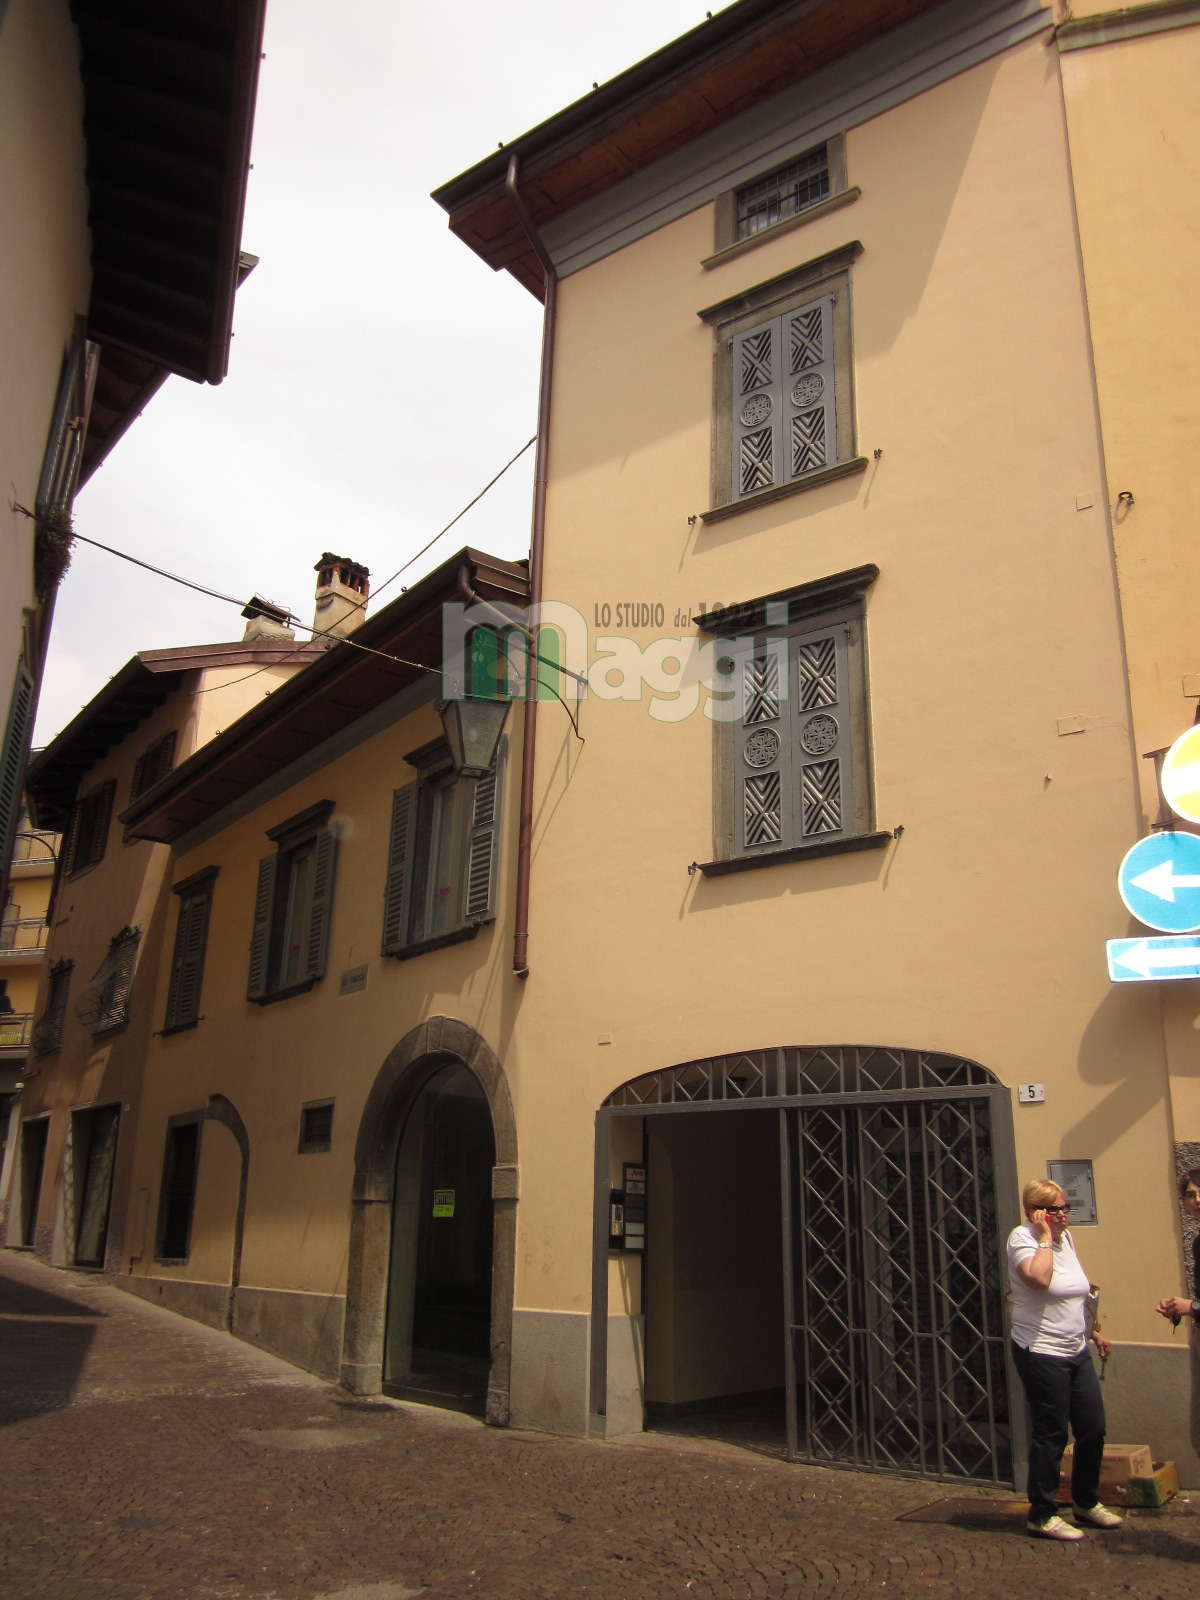 Palazzo / Stabile in vendita a Clusone, 9999 locali, prezzo € 900.000 | Cambio Casa.it